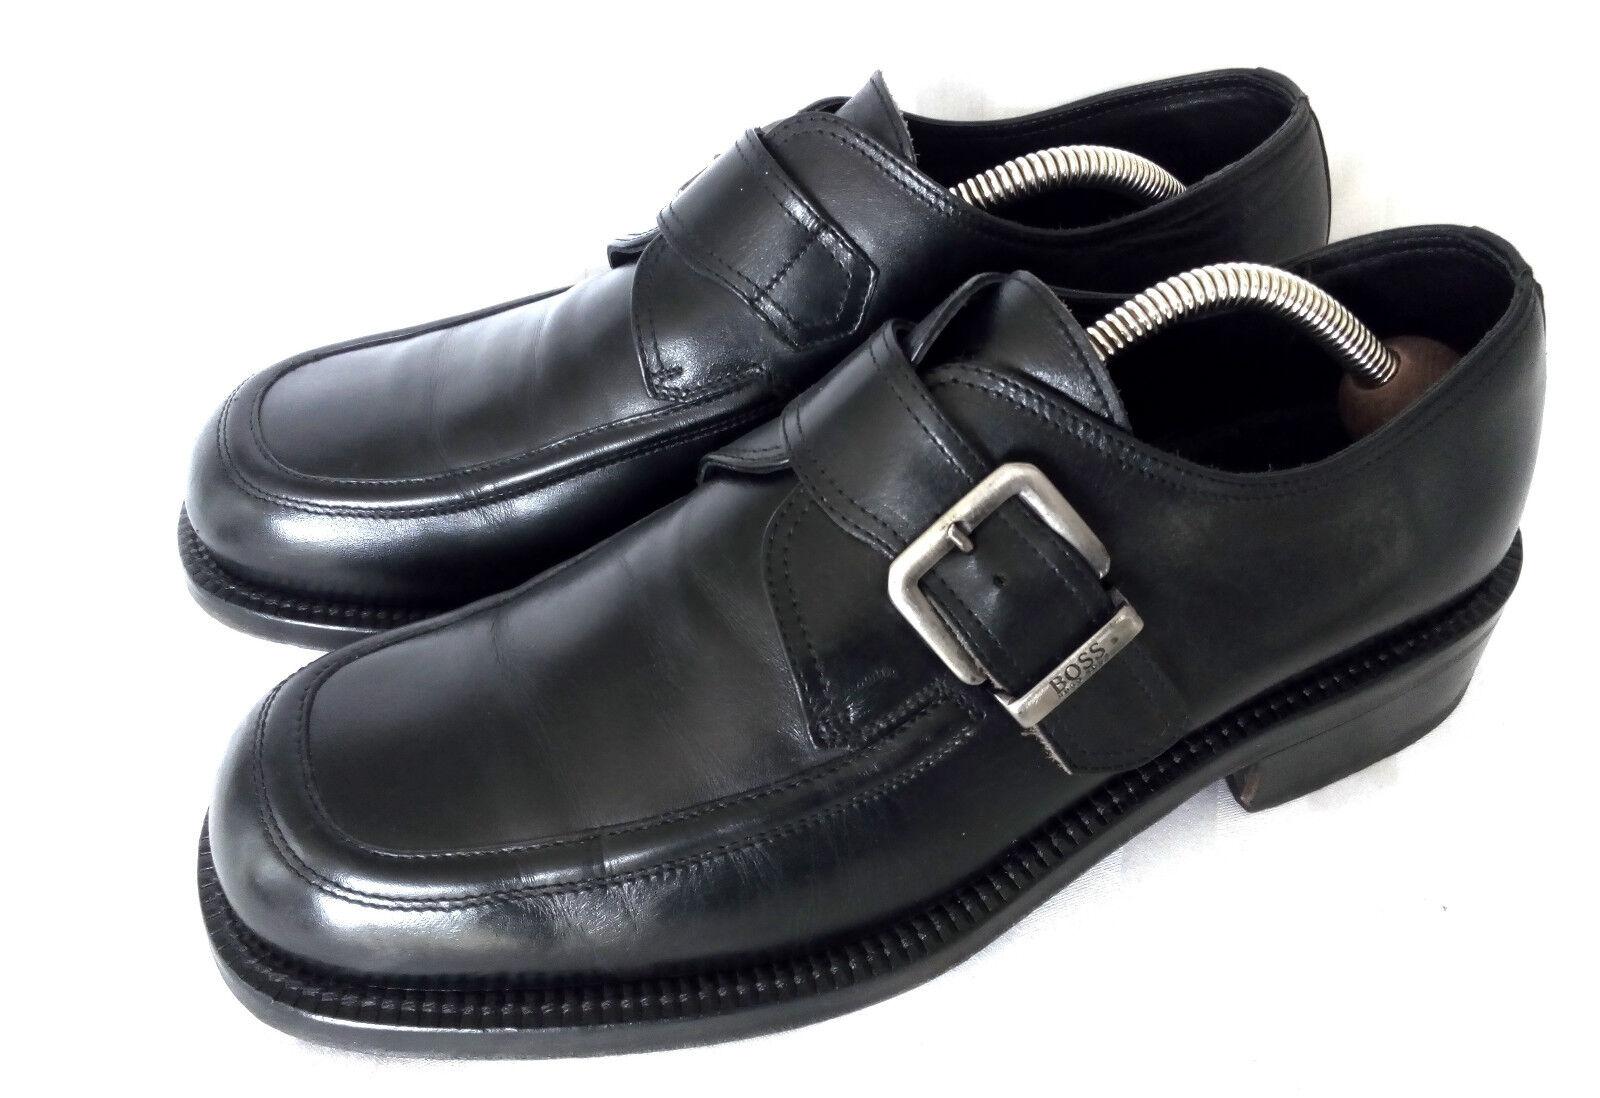 HUGO BOSS Monk Strap Business Loafer Apron Toe Schwarz Leder 8.5 Gr. 43 TOP